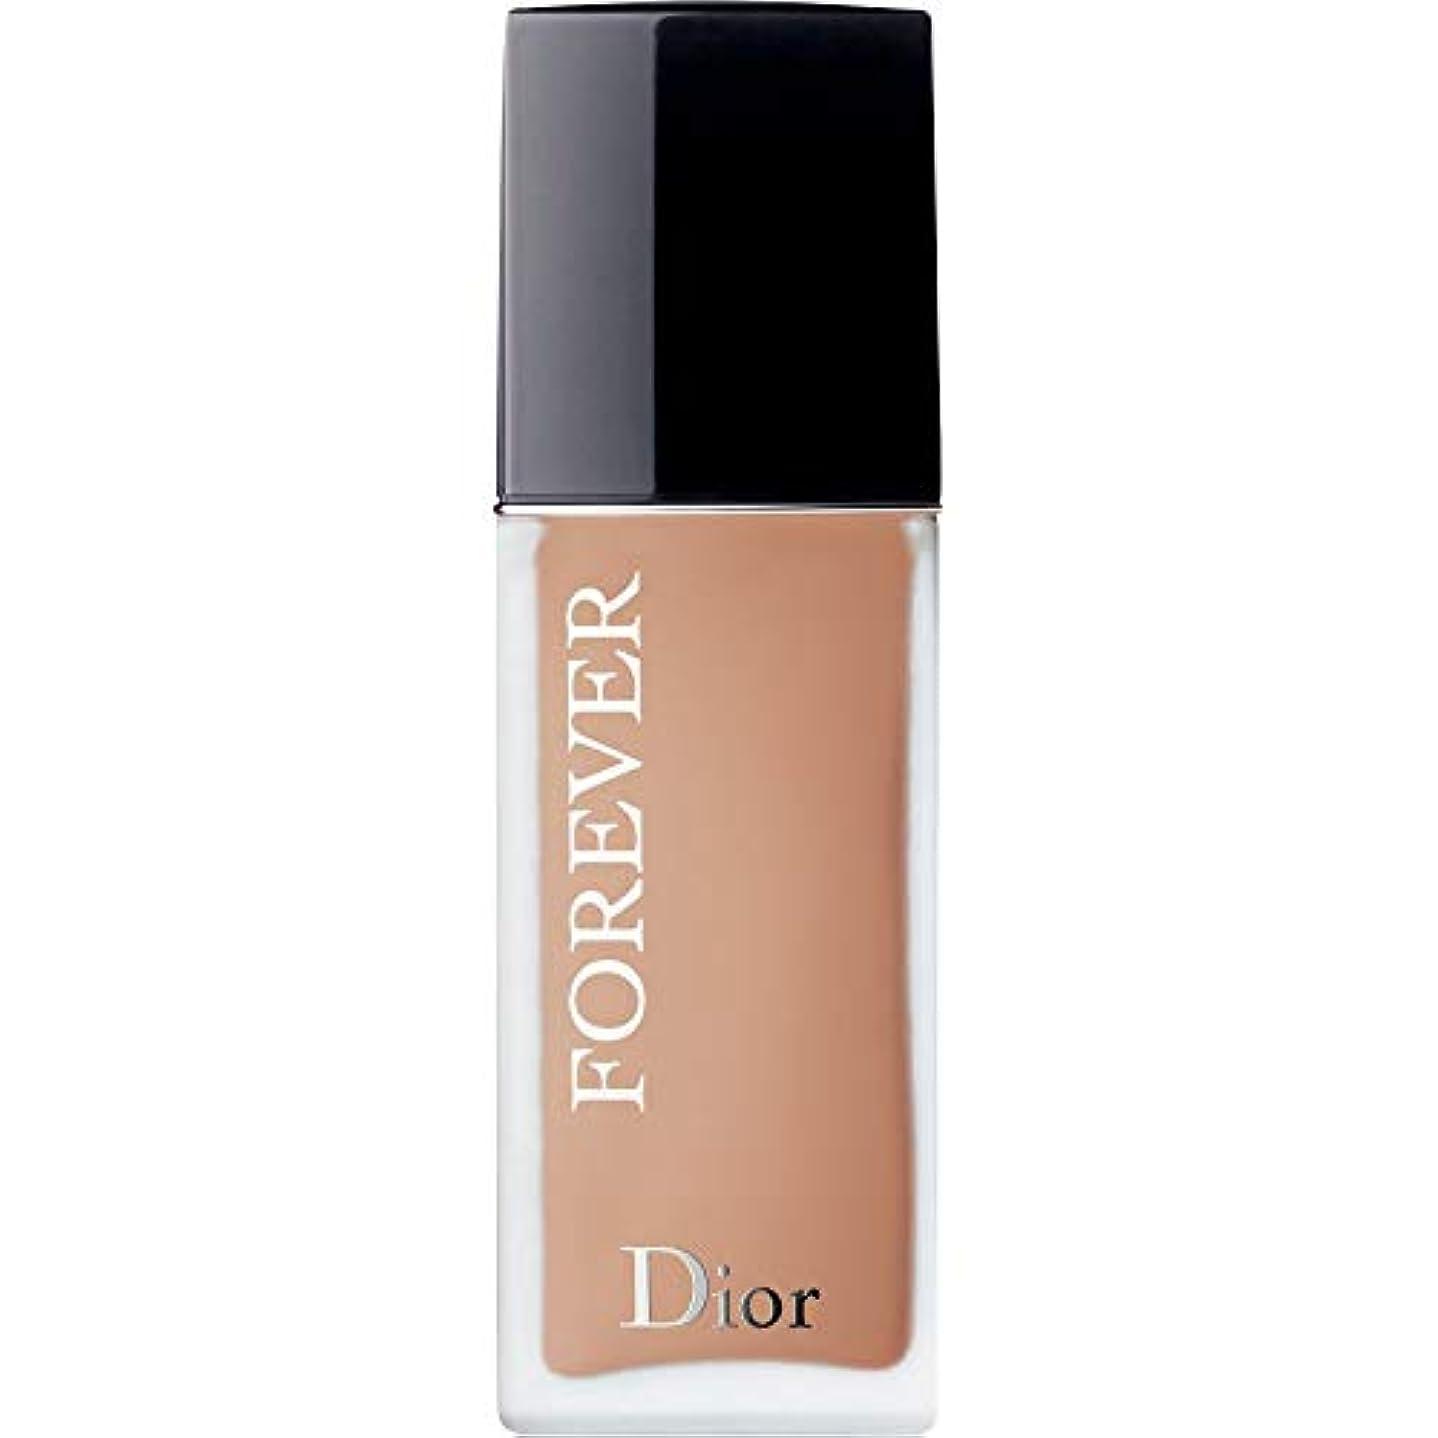 ハッチ枕信頼[Dior ] ディオール永遠皮膚思いやりの基礎Spf35 30ミリリットル4Cを - クール(つや消し) - DIOR Forever Skin-Caring Foundation SPF35 30ml 4C - Cool...